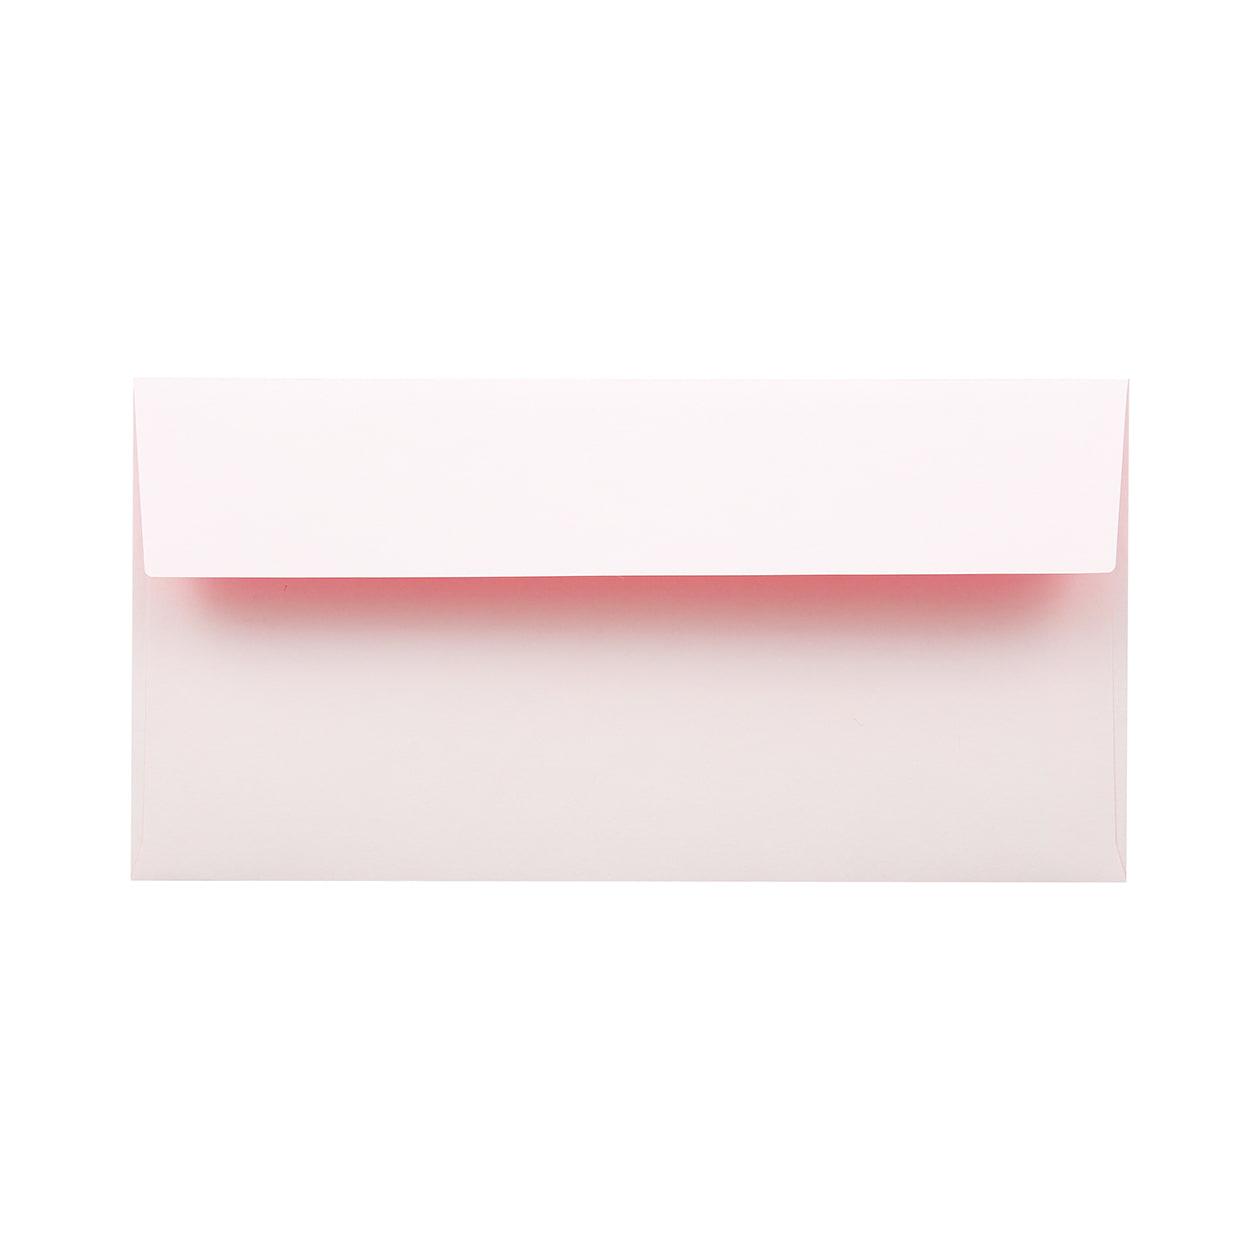 長3カマス封筒 フラッシュカラー ホワイト×ピンク 100g